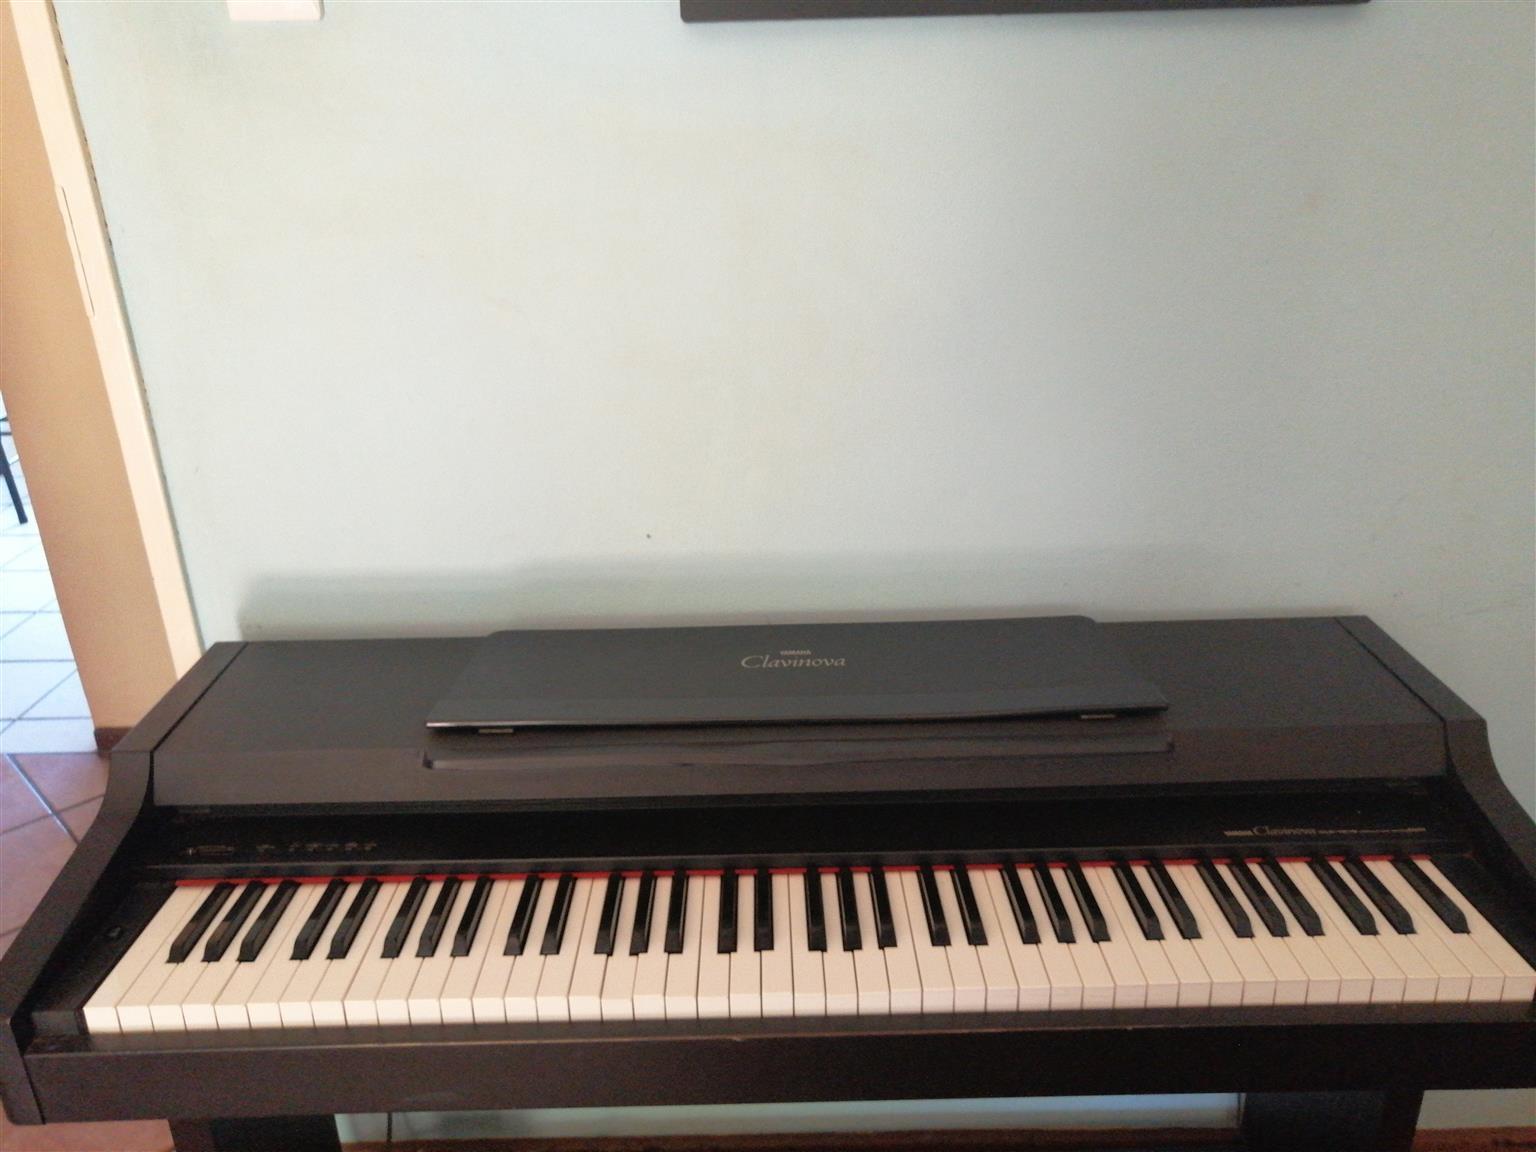 Piano Clavinora clp